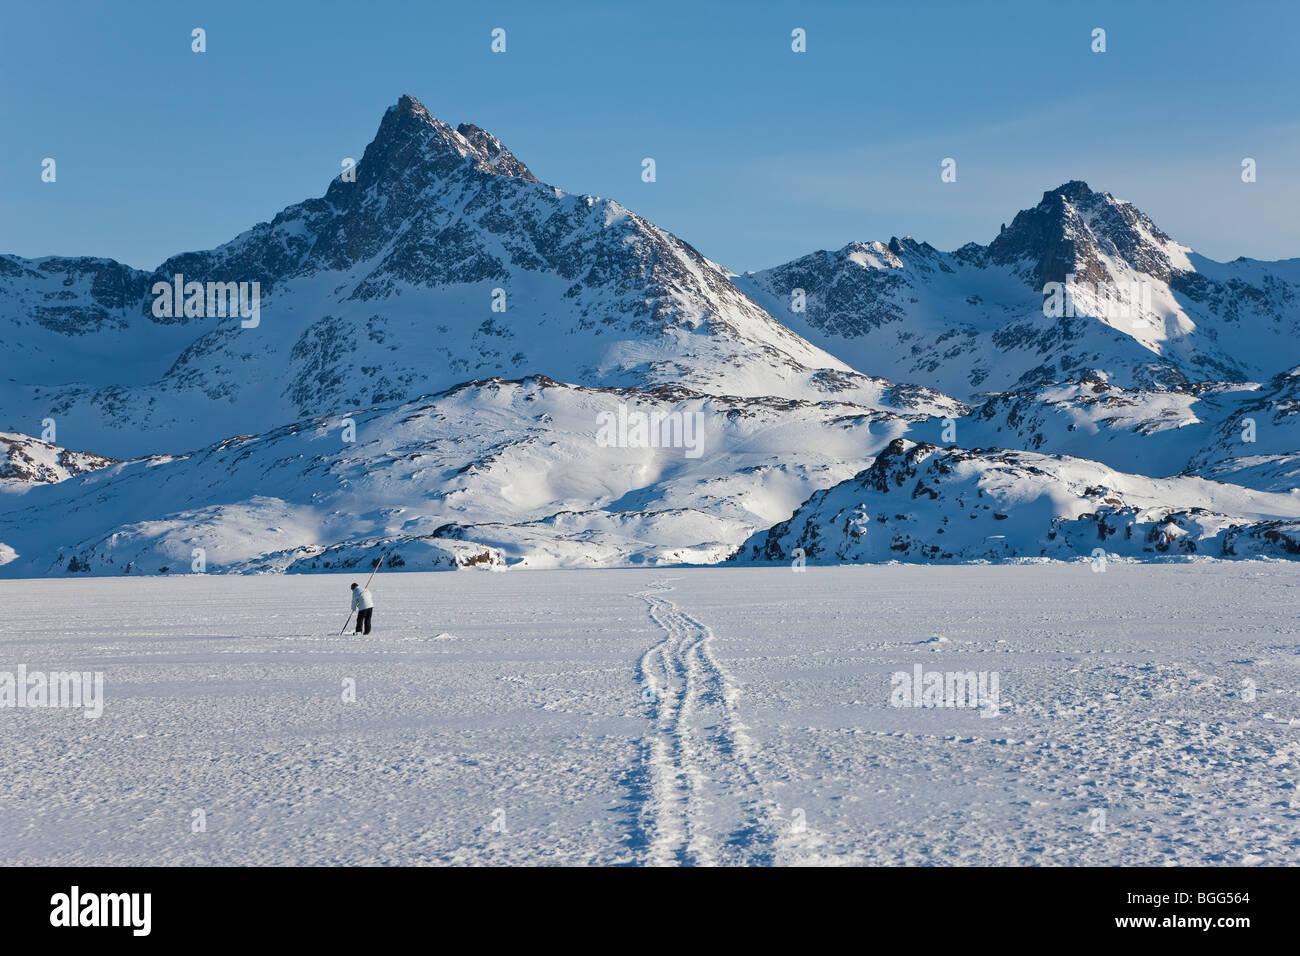 Pesca en el hielo, el rey Oscar Fijord, Tasiilaq, Groenlandia, el invierno Imagen De Stock